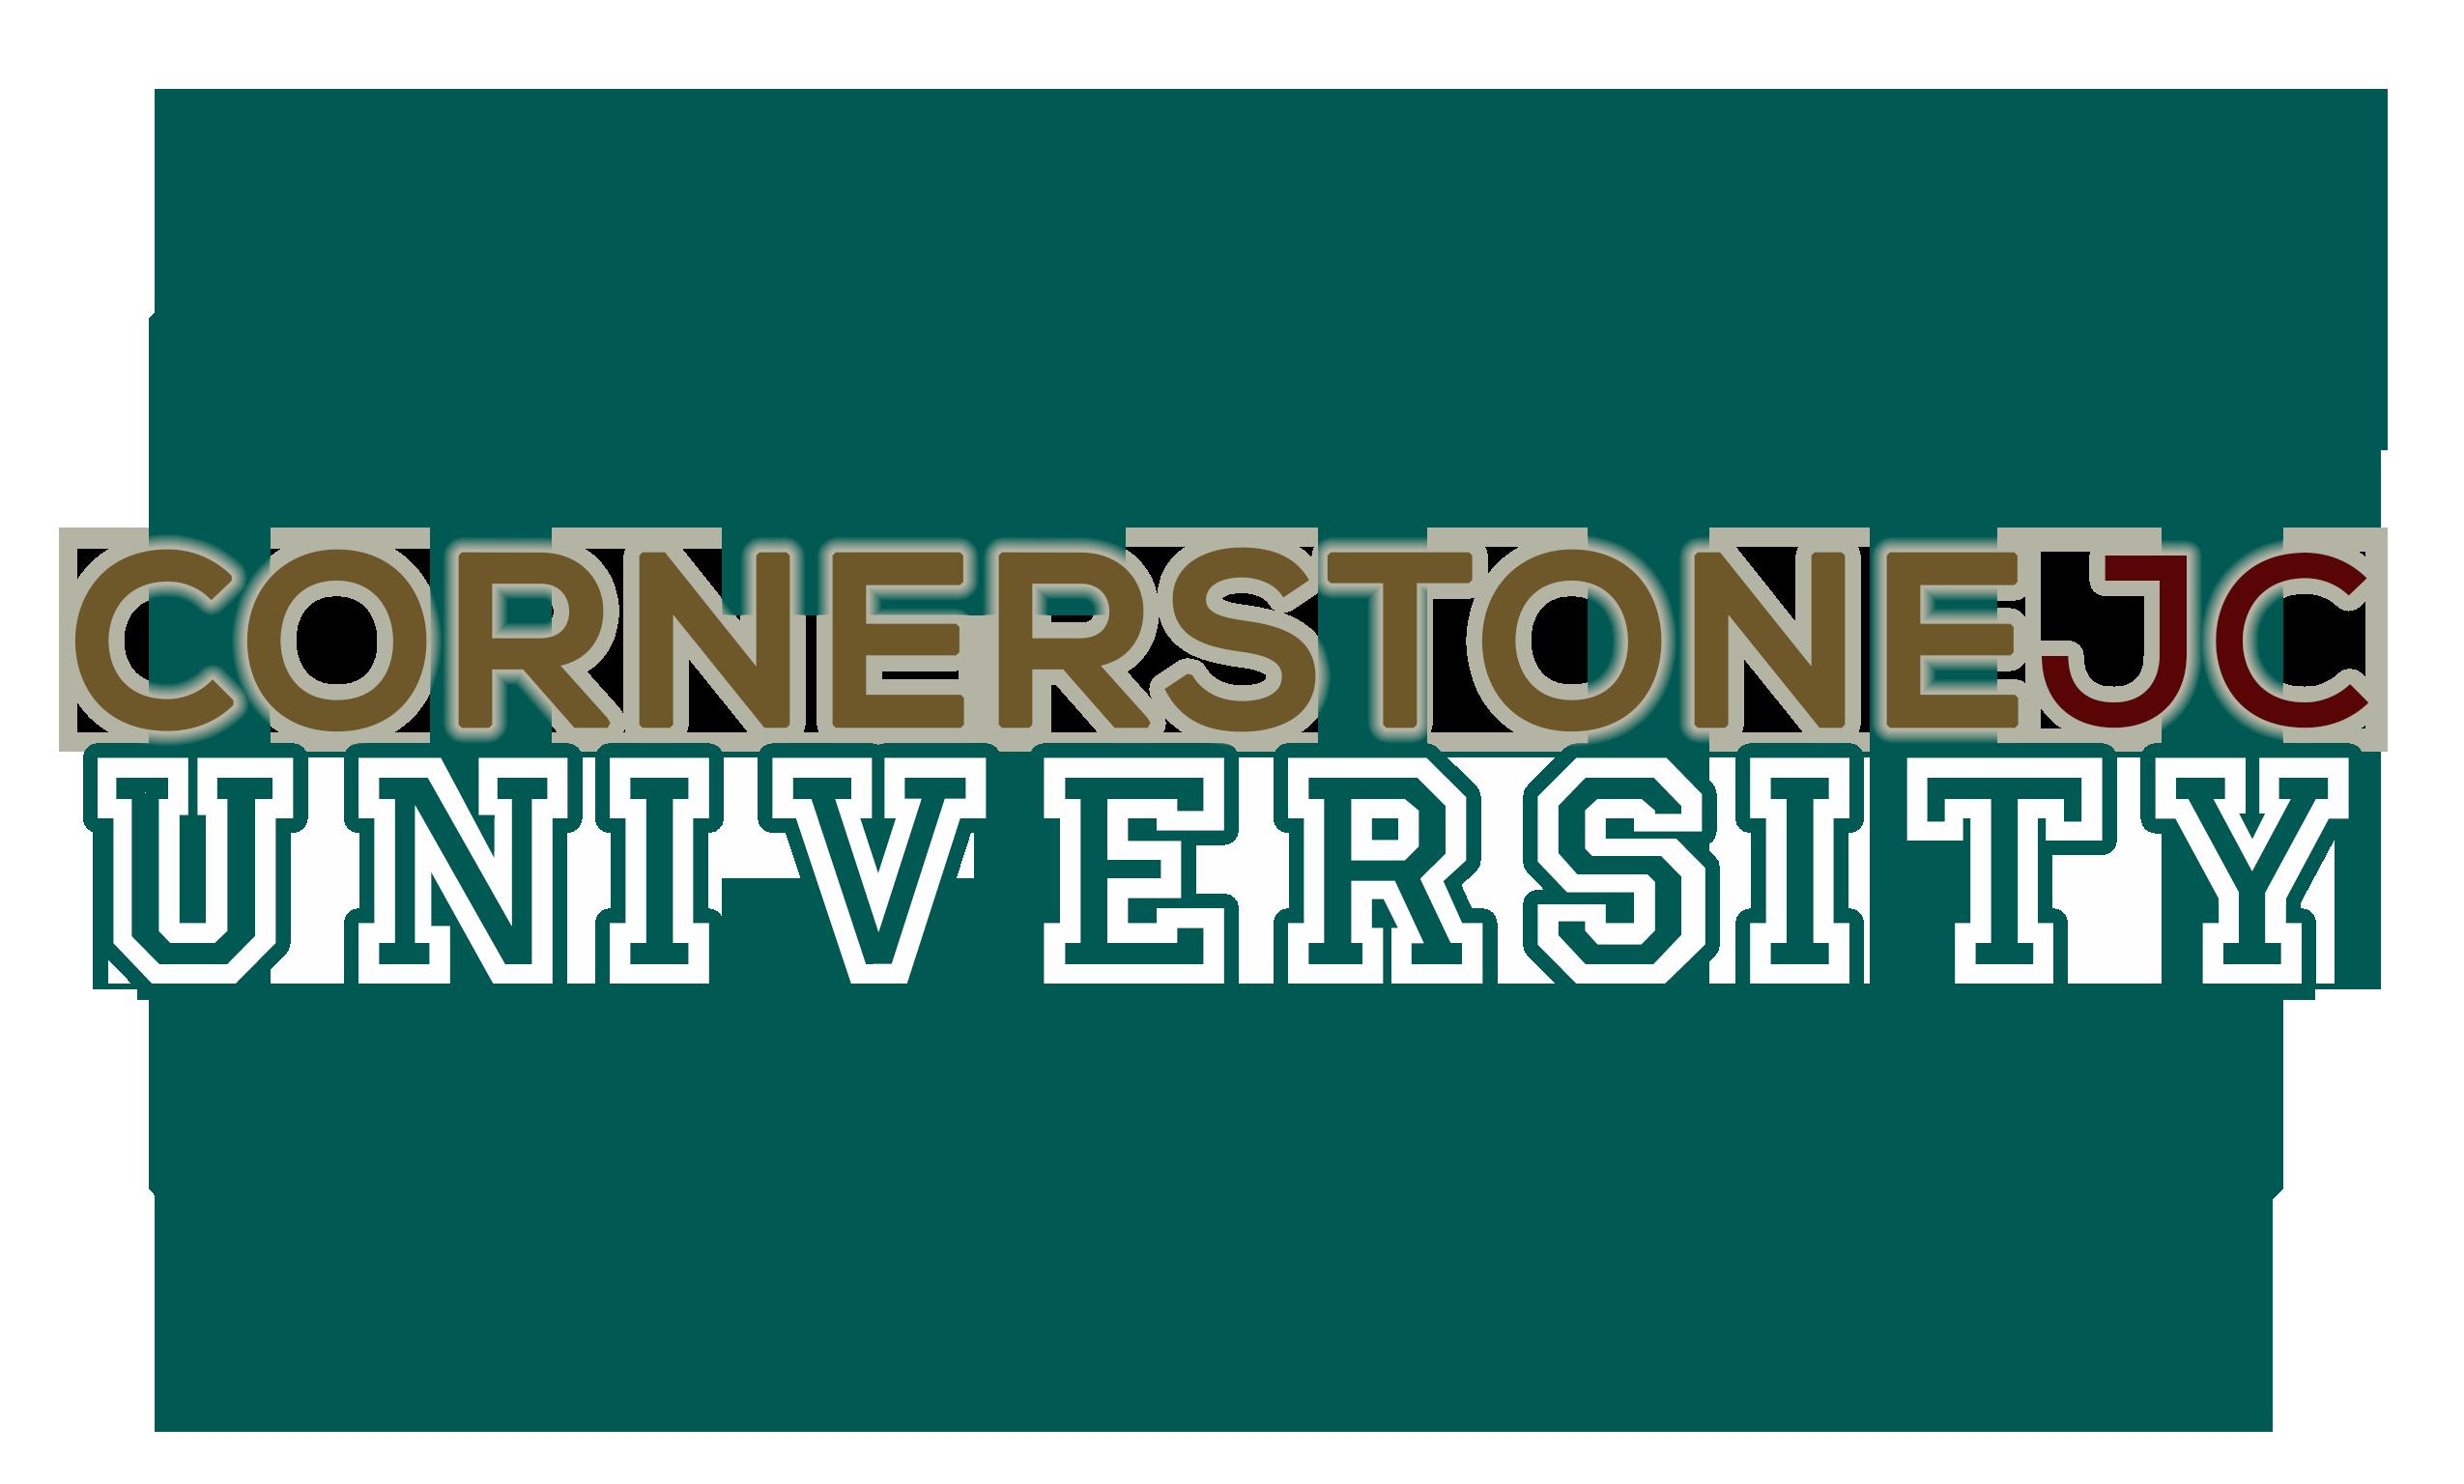 Cornerstone-uni